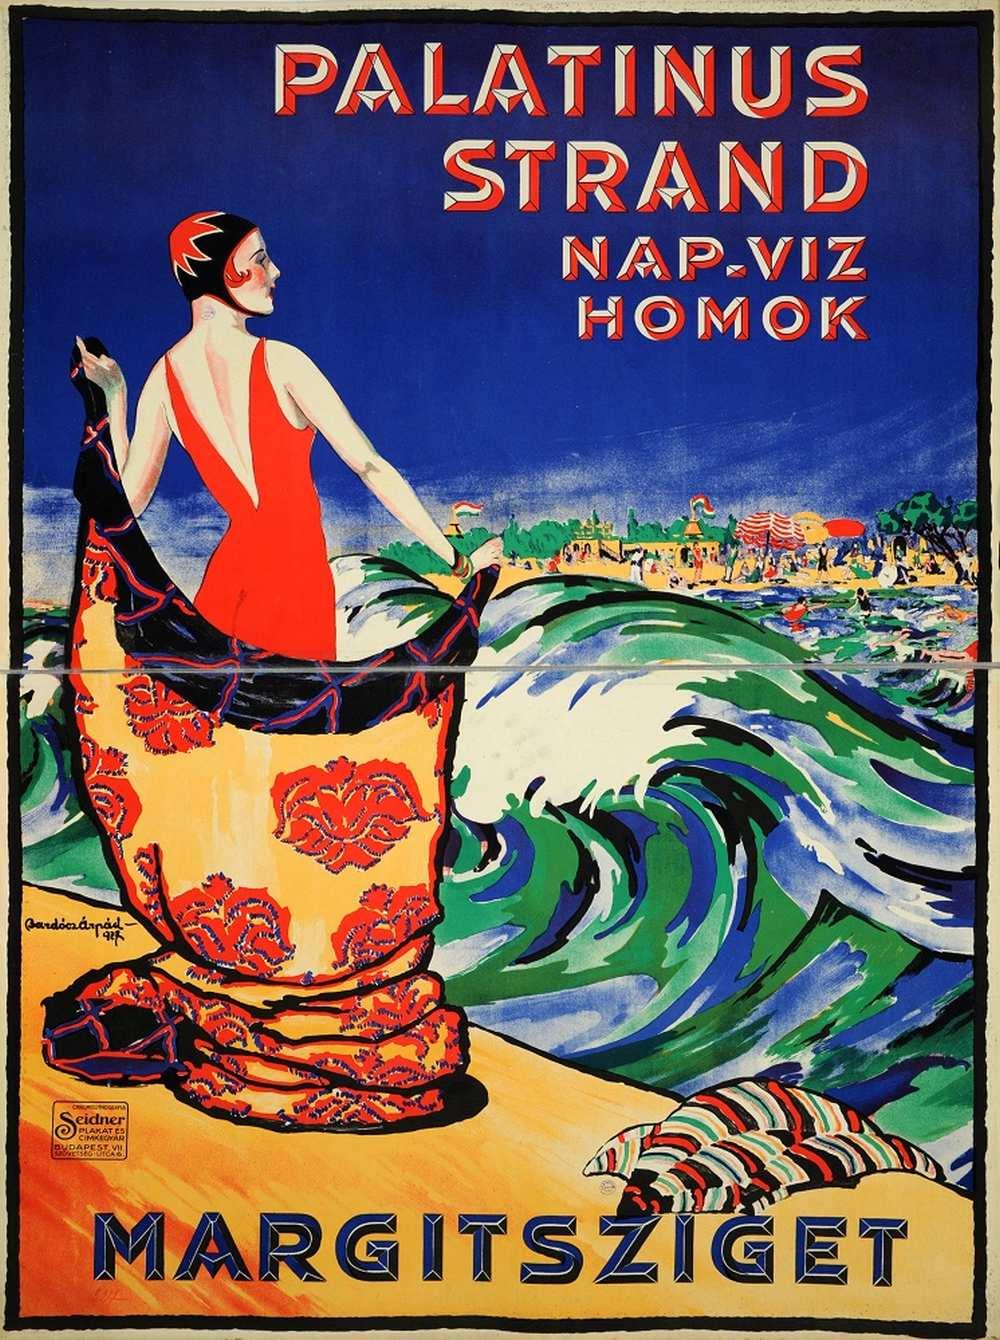 Bardócz Árpád: Palatinus strand nap víz homok (1927). Jelzet: PKG.1927/190 – Térkép-, Plakát- és Kisnyomtatványtár http://nektar.oszk.hu/hu/manifestation/2663667